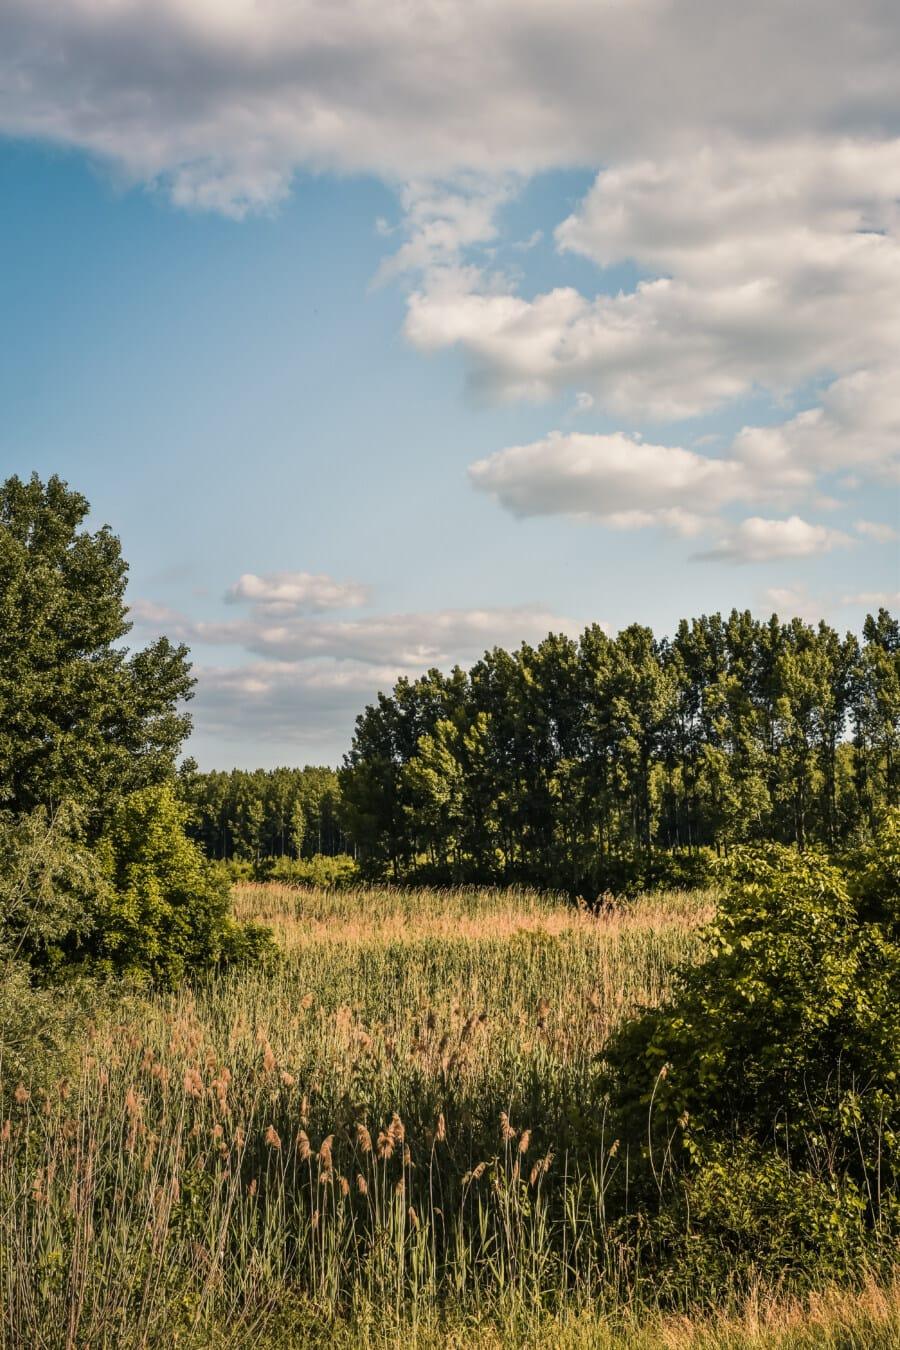 Marschland, Sommerzeit, Wildnis, Bäume, Wald, Tierwelt, Pappel, Natur, Landschaft, Struktur